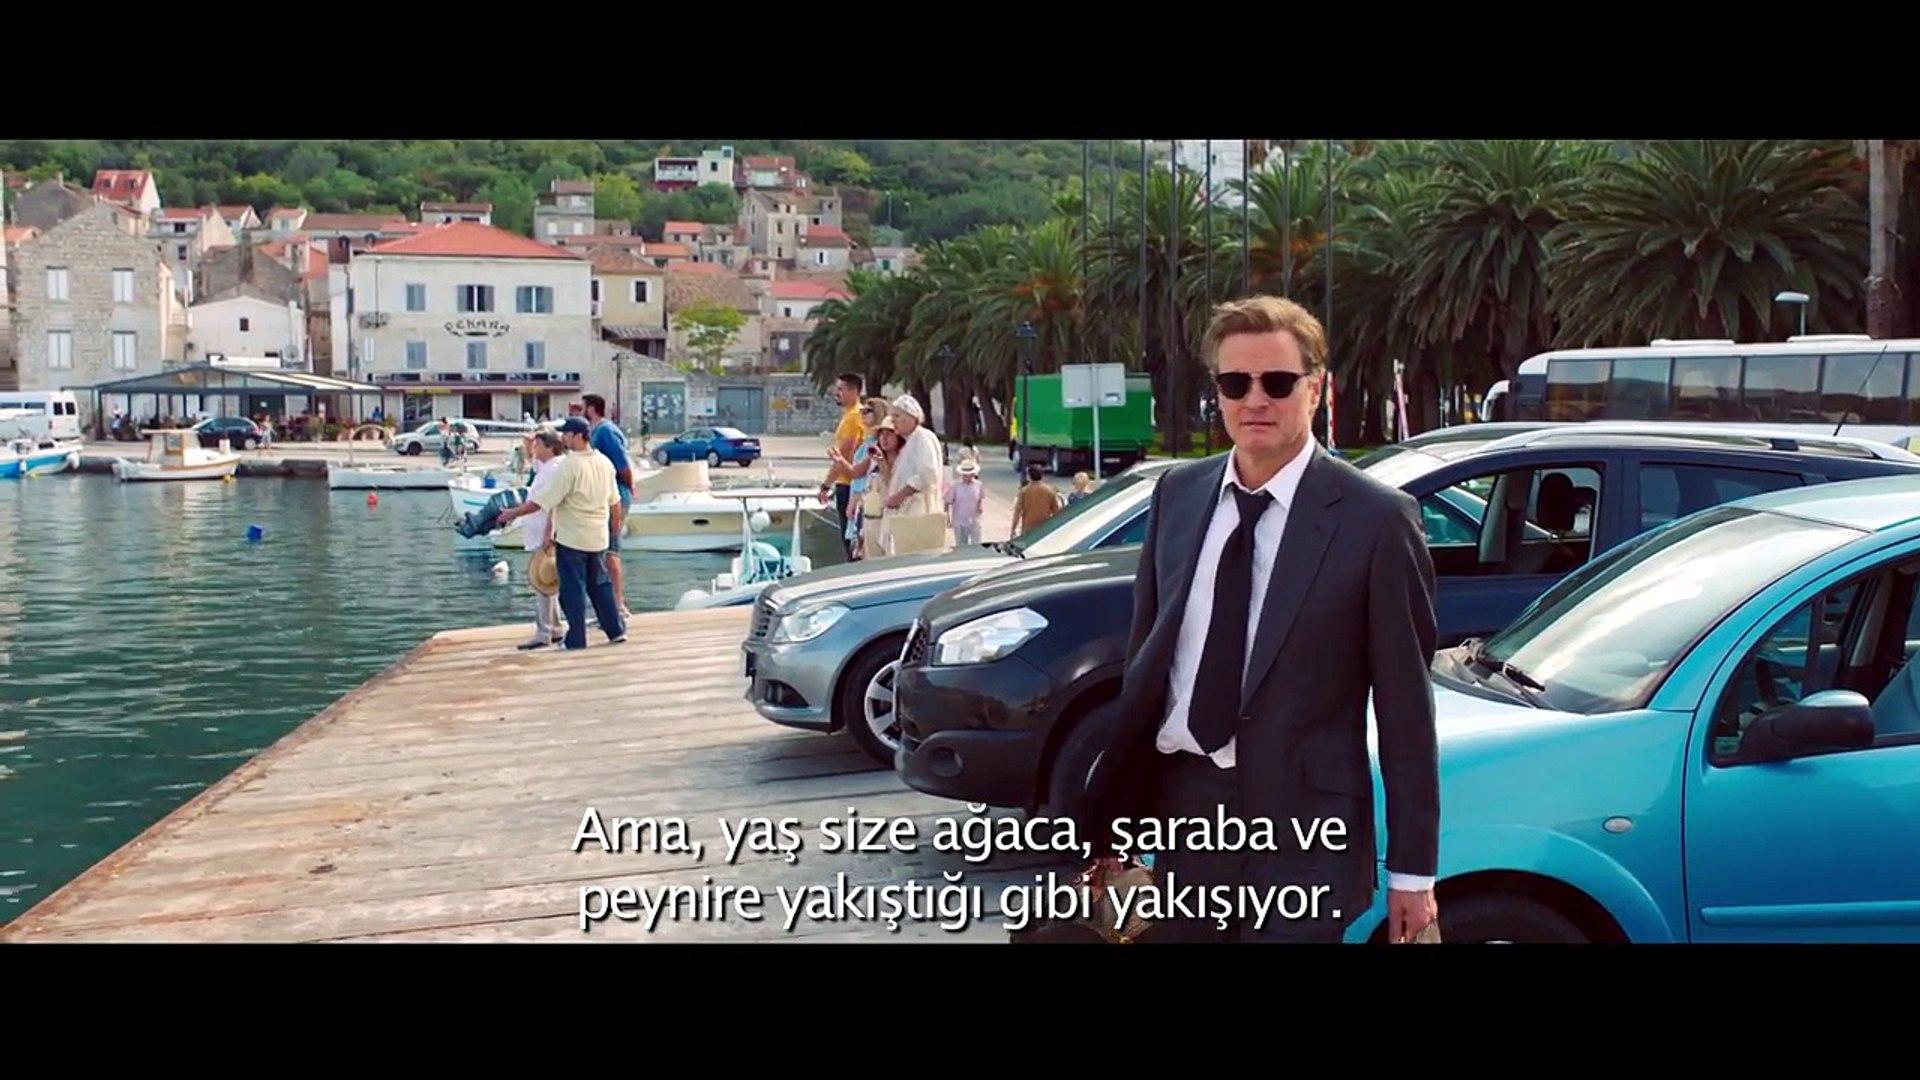 Mamma Mia! Yeniden Başlıyoruz - Mamma Mia! Here We Go Again  /  Türkçe Altyazılı Fragman